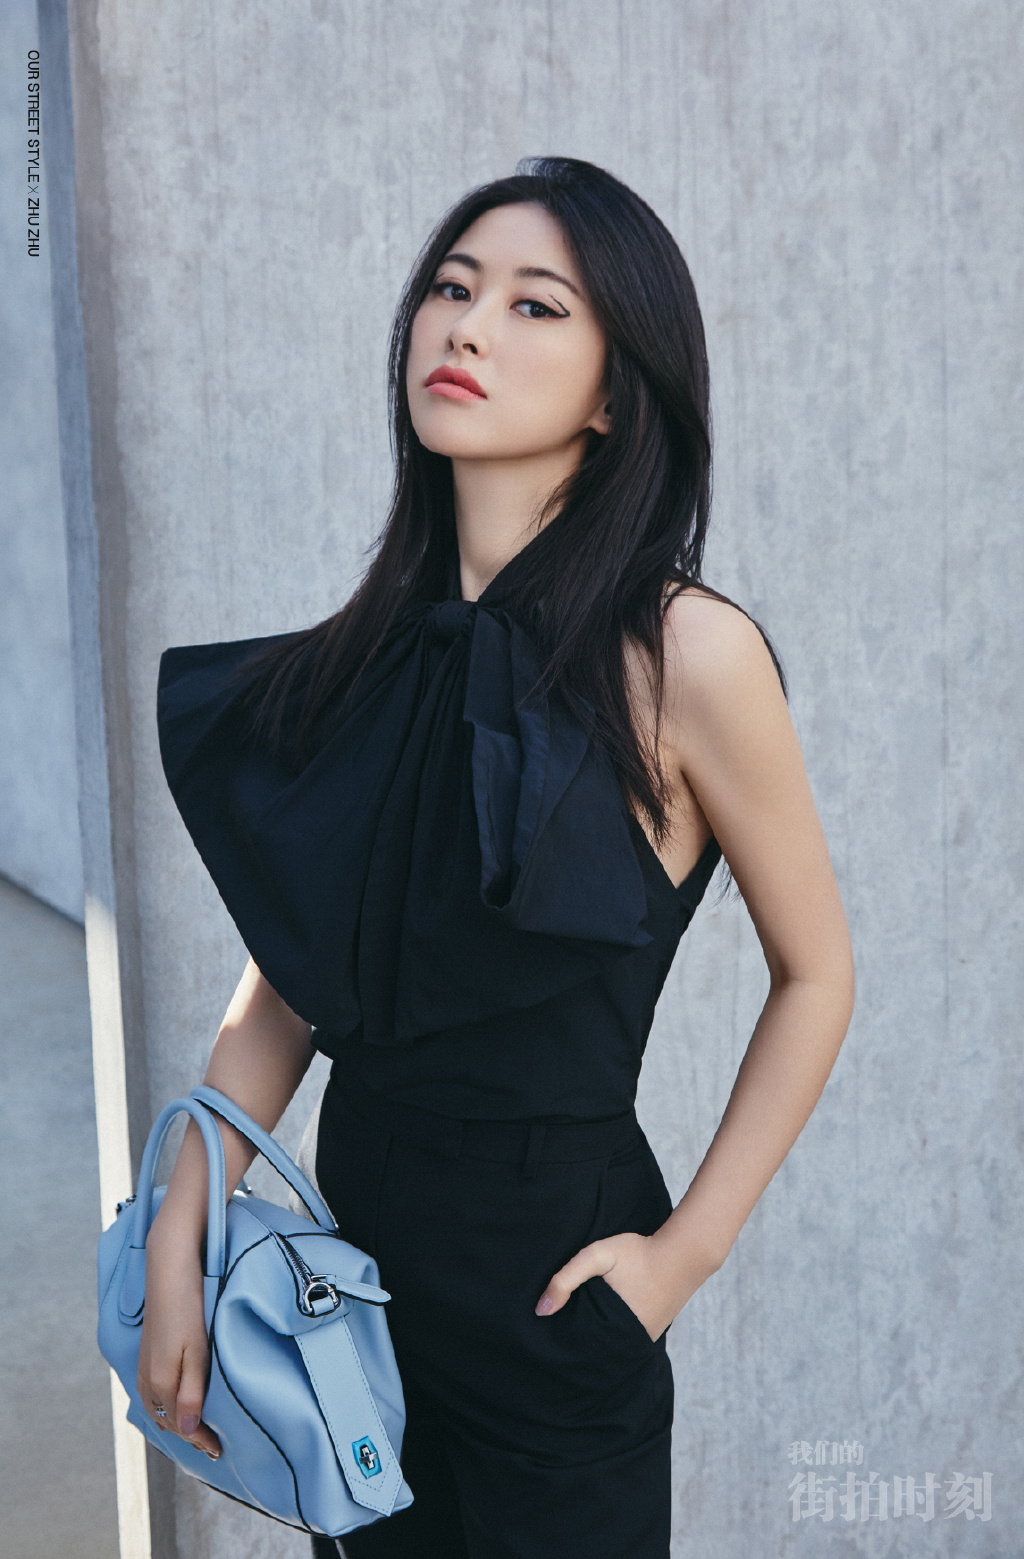 朱珠黑色系摩登时尚写真图片